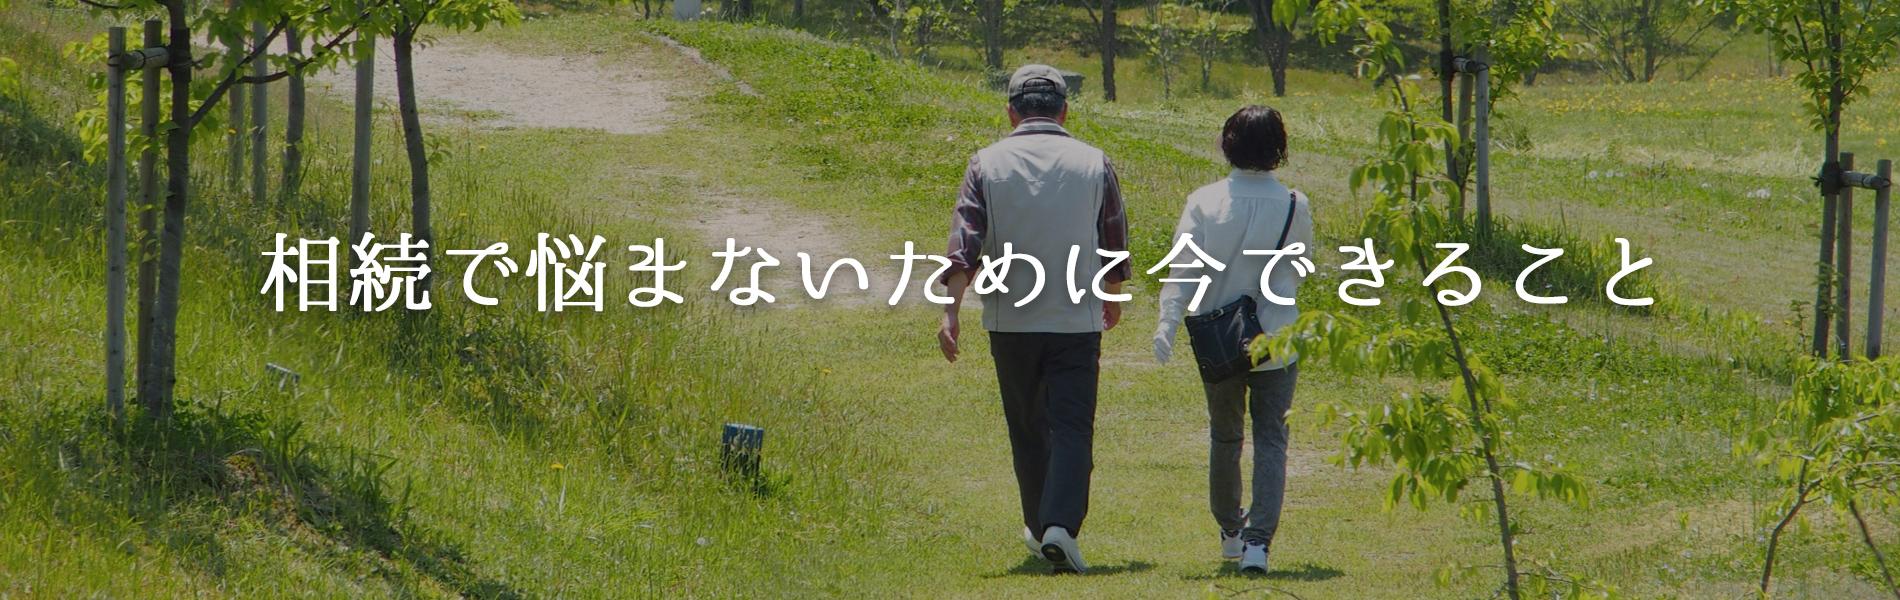 奈良・京都・大阪・兵庫で相続問題、遺産、生前対策などでお悩みの方は税理士事務所SBLにお気軽にお問い合わせください